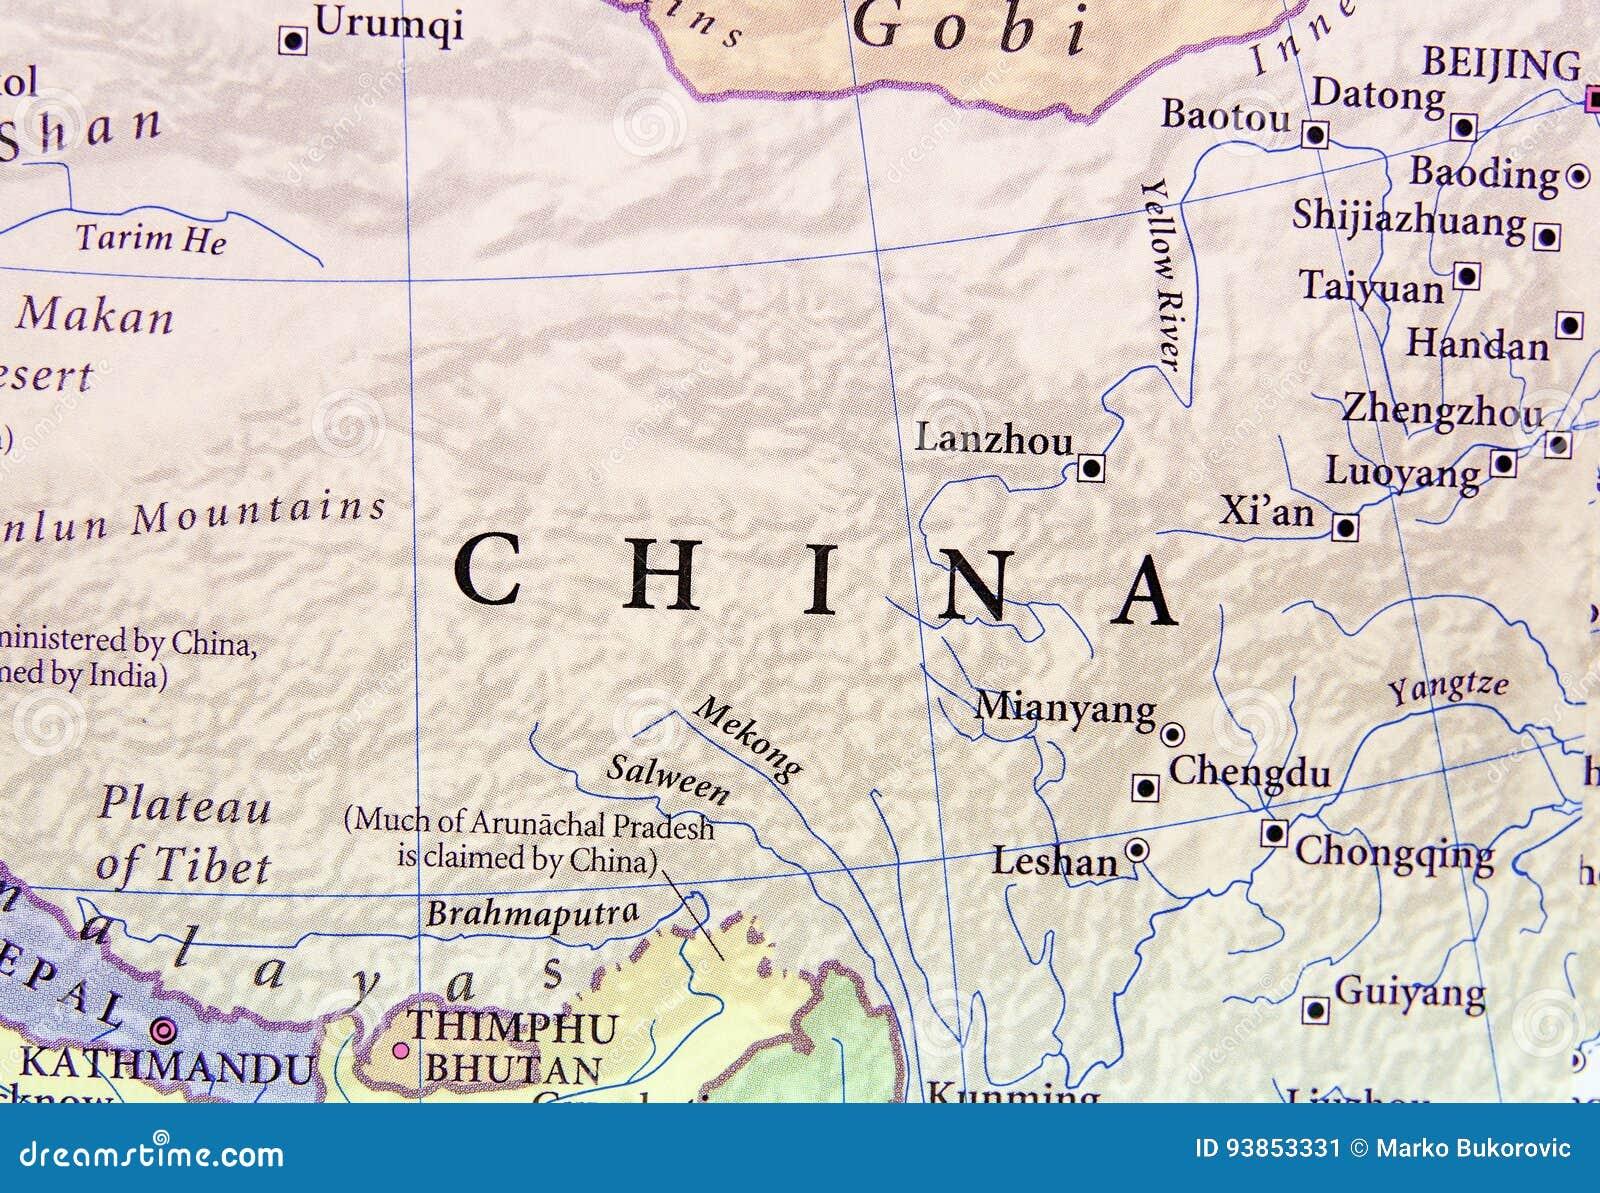 Cartina Geografica Della Cina.Mappa Geografica Della Cina Con Le Citta Importanti Immagine Stock Immagine Di Realistico Repubblica 93853331